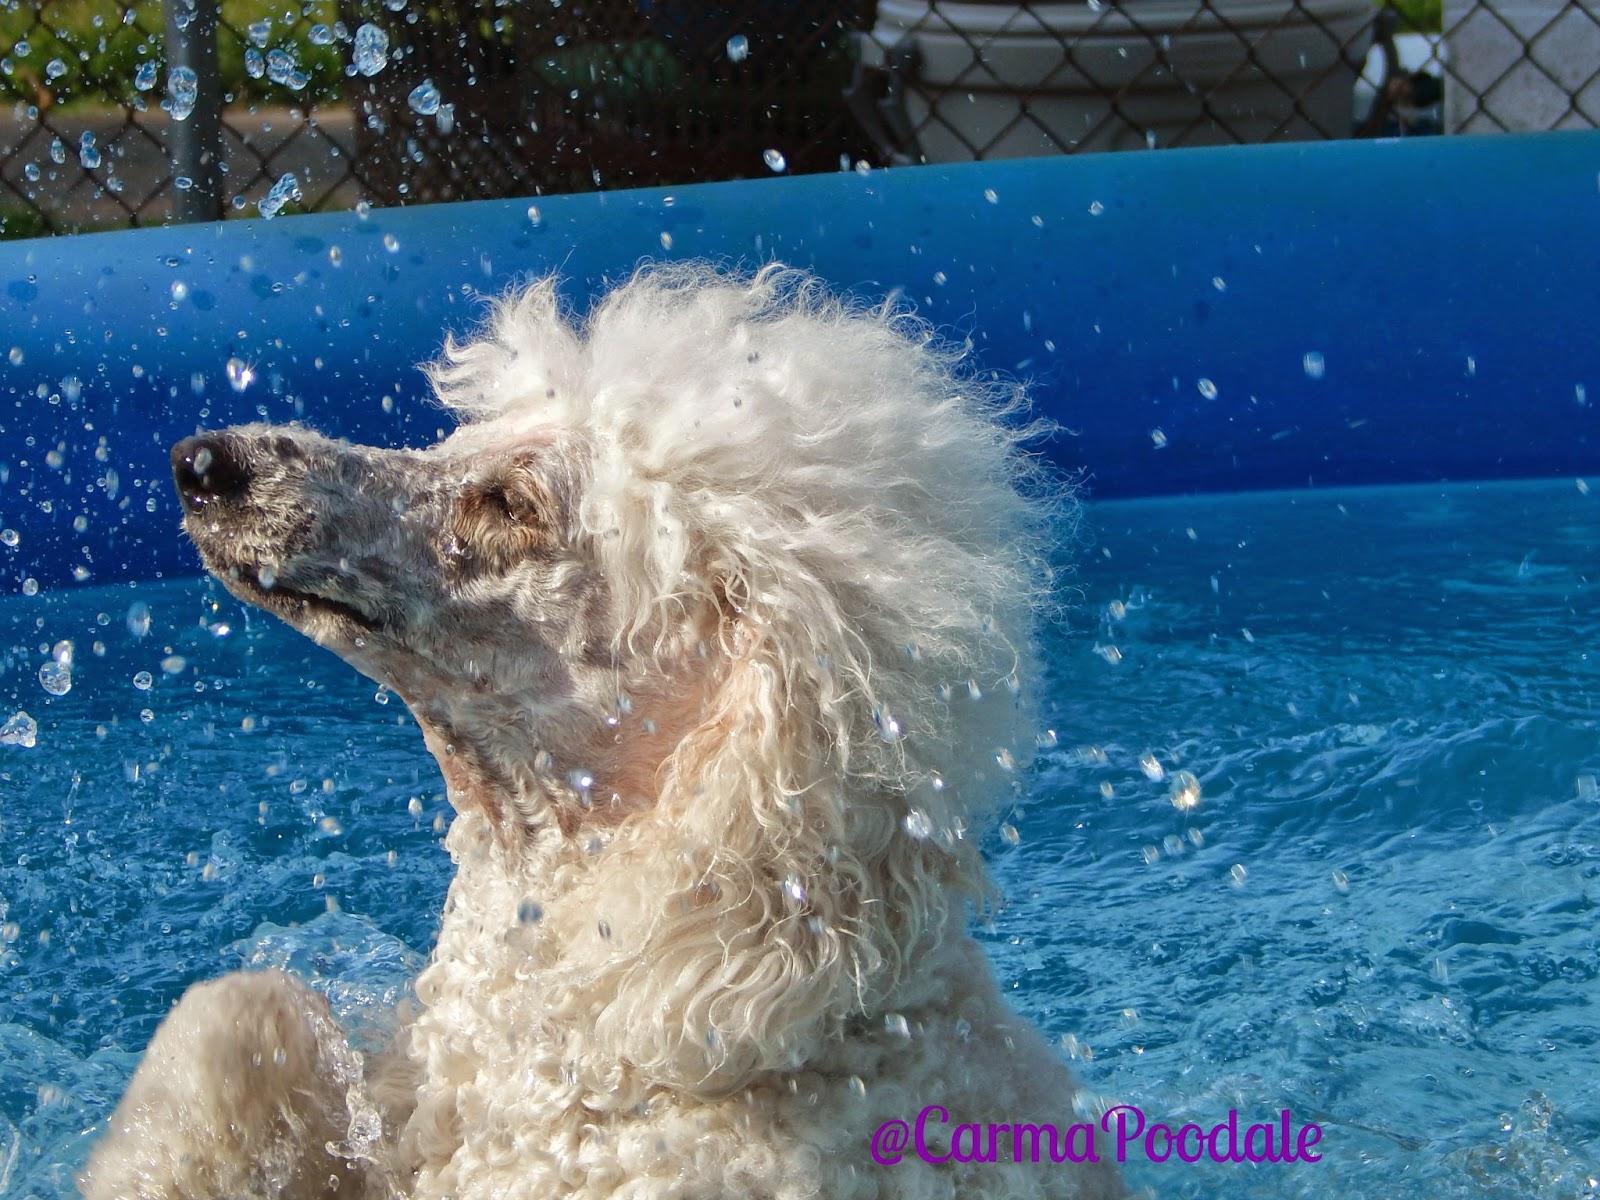 Carma Swimming